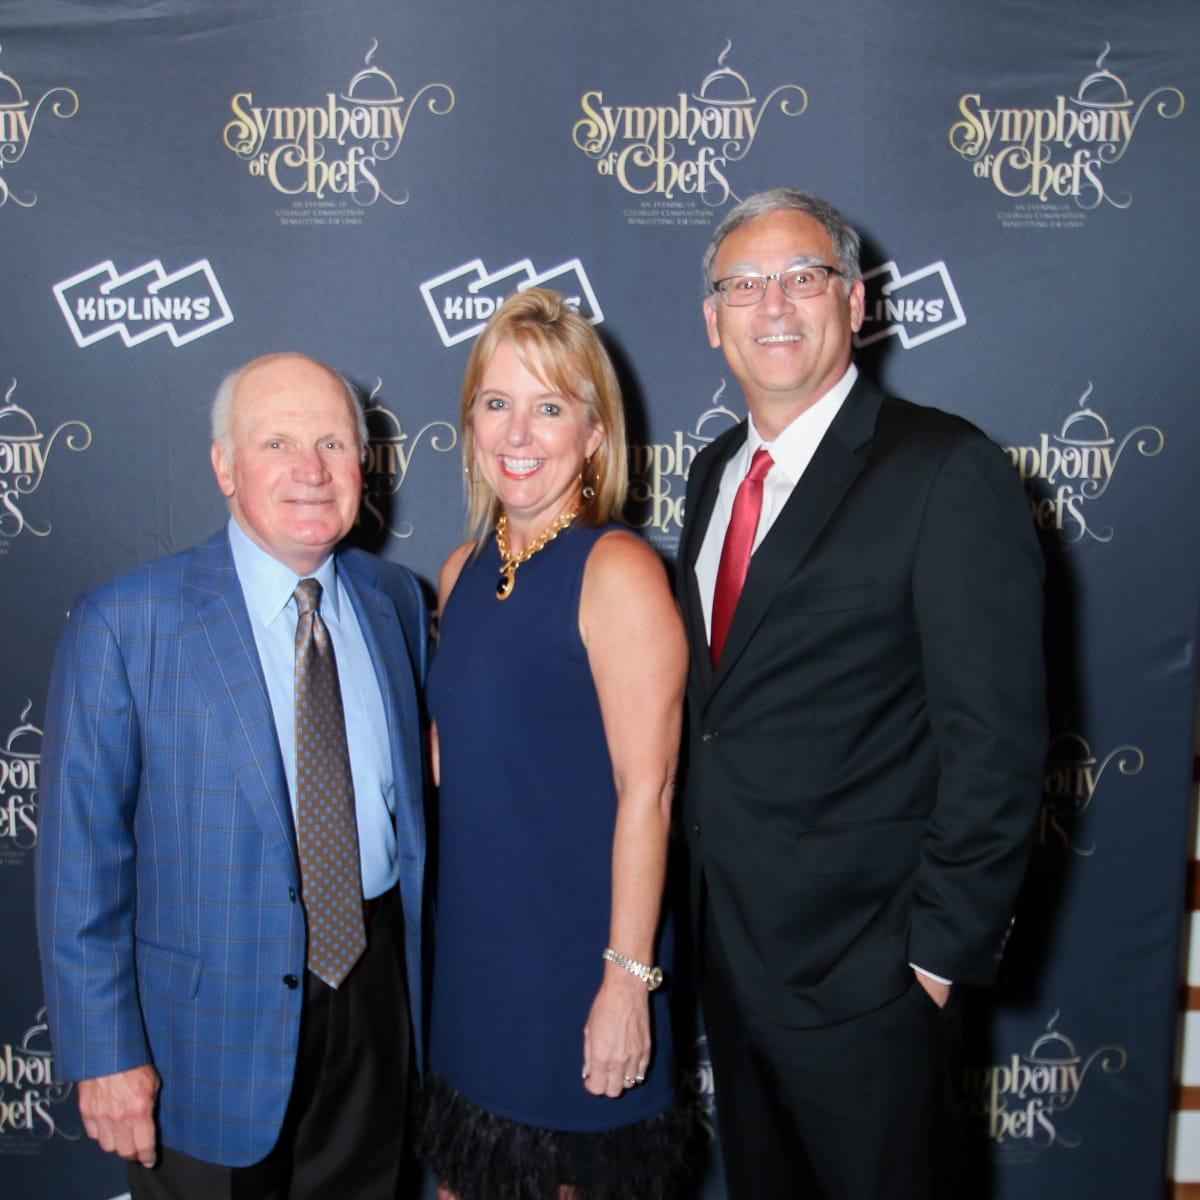 JW Brown, Bonnie Shea, Nathan Shea, Symphony of Chefs 2018